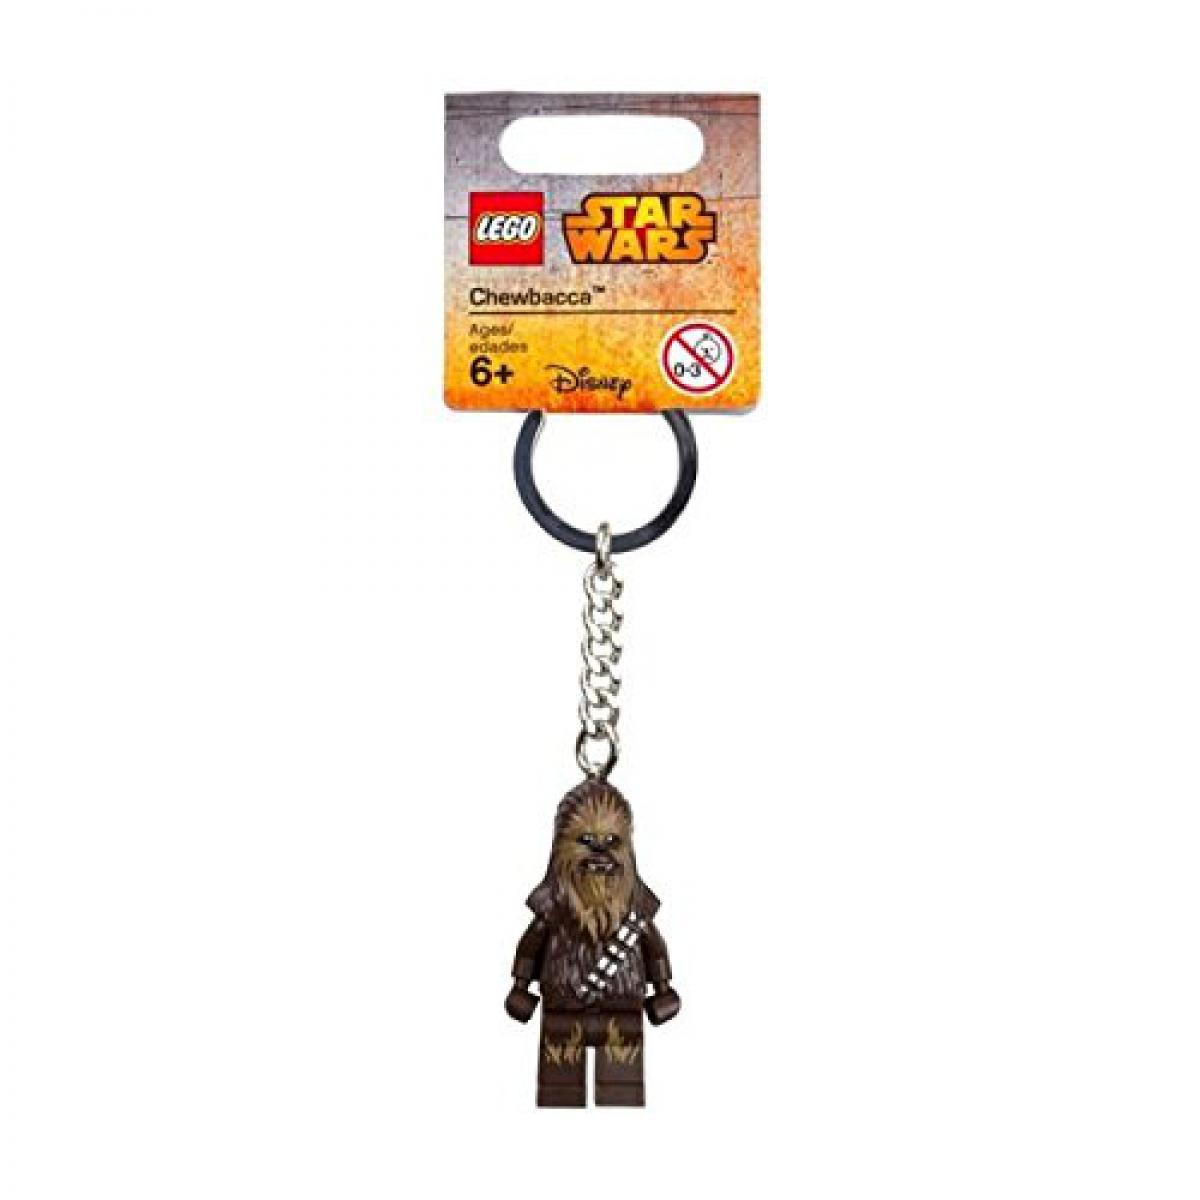 Lego Porte-clés Chewbacca Lego Star Wars